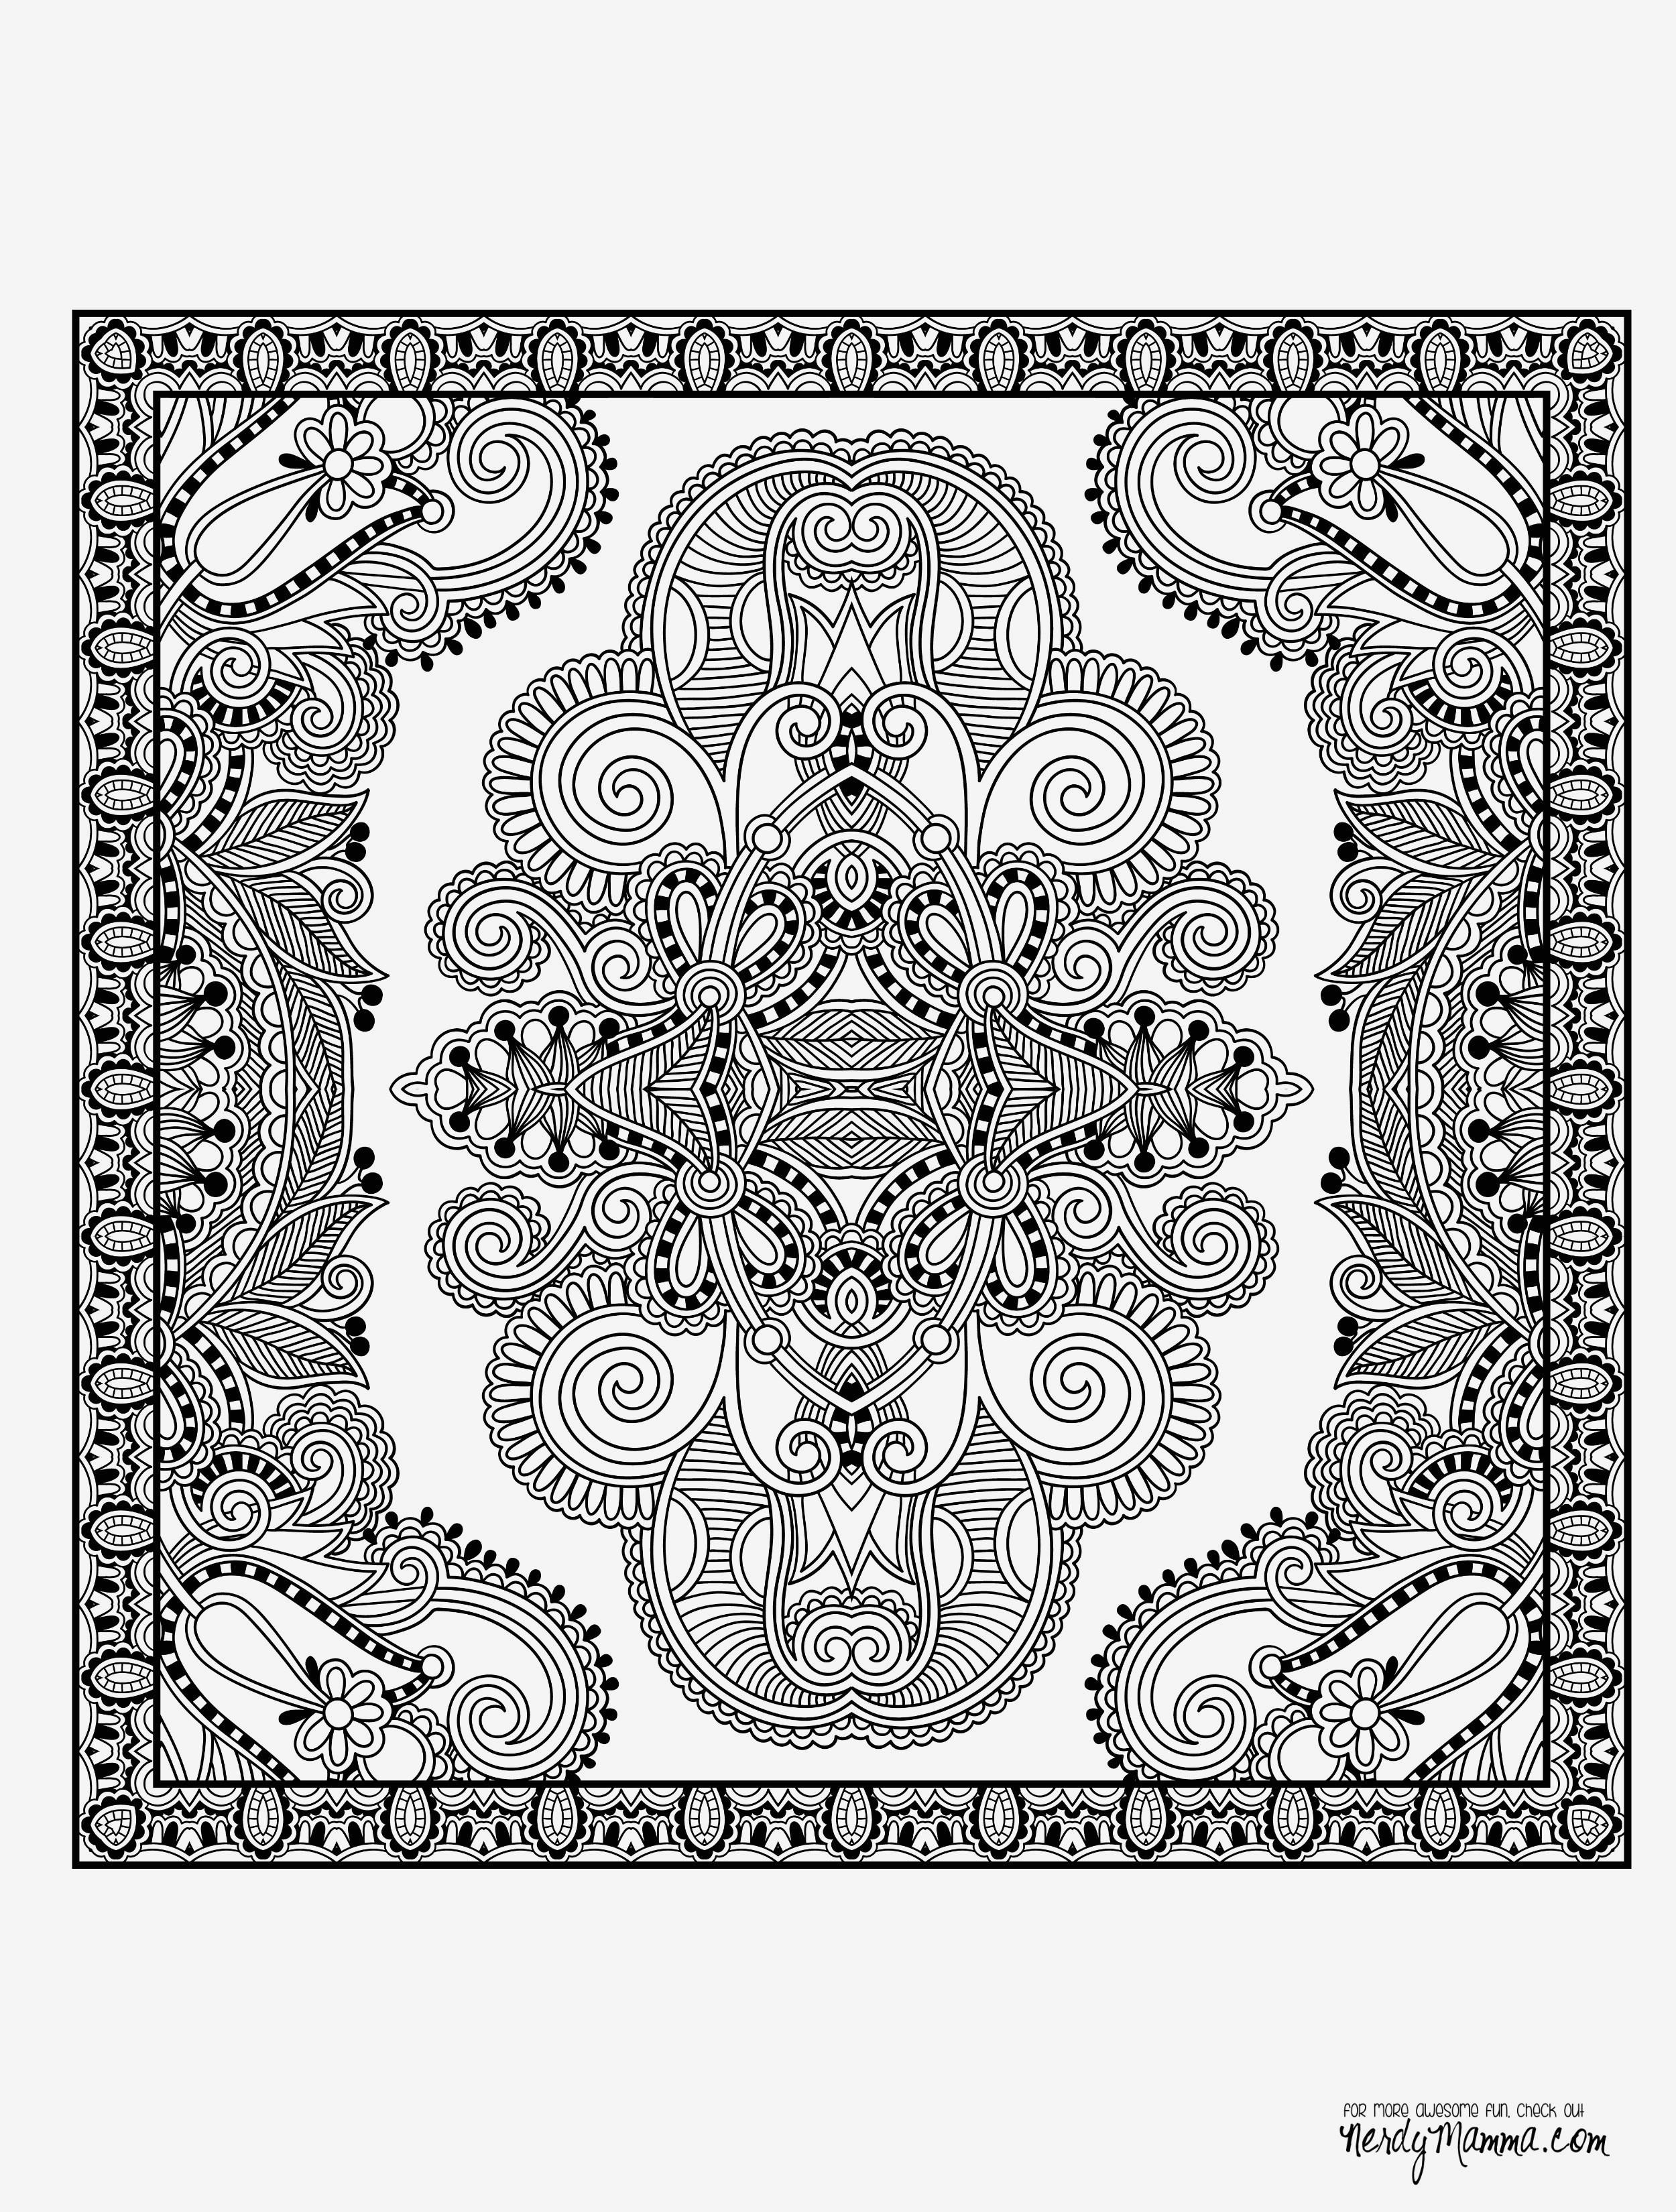 Herz Mandalas Zum Ausmalen Inspirierend Ausmalbilder Mandala Kostenlos Eule Bildergalerie & Bilder Zum Galerie